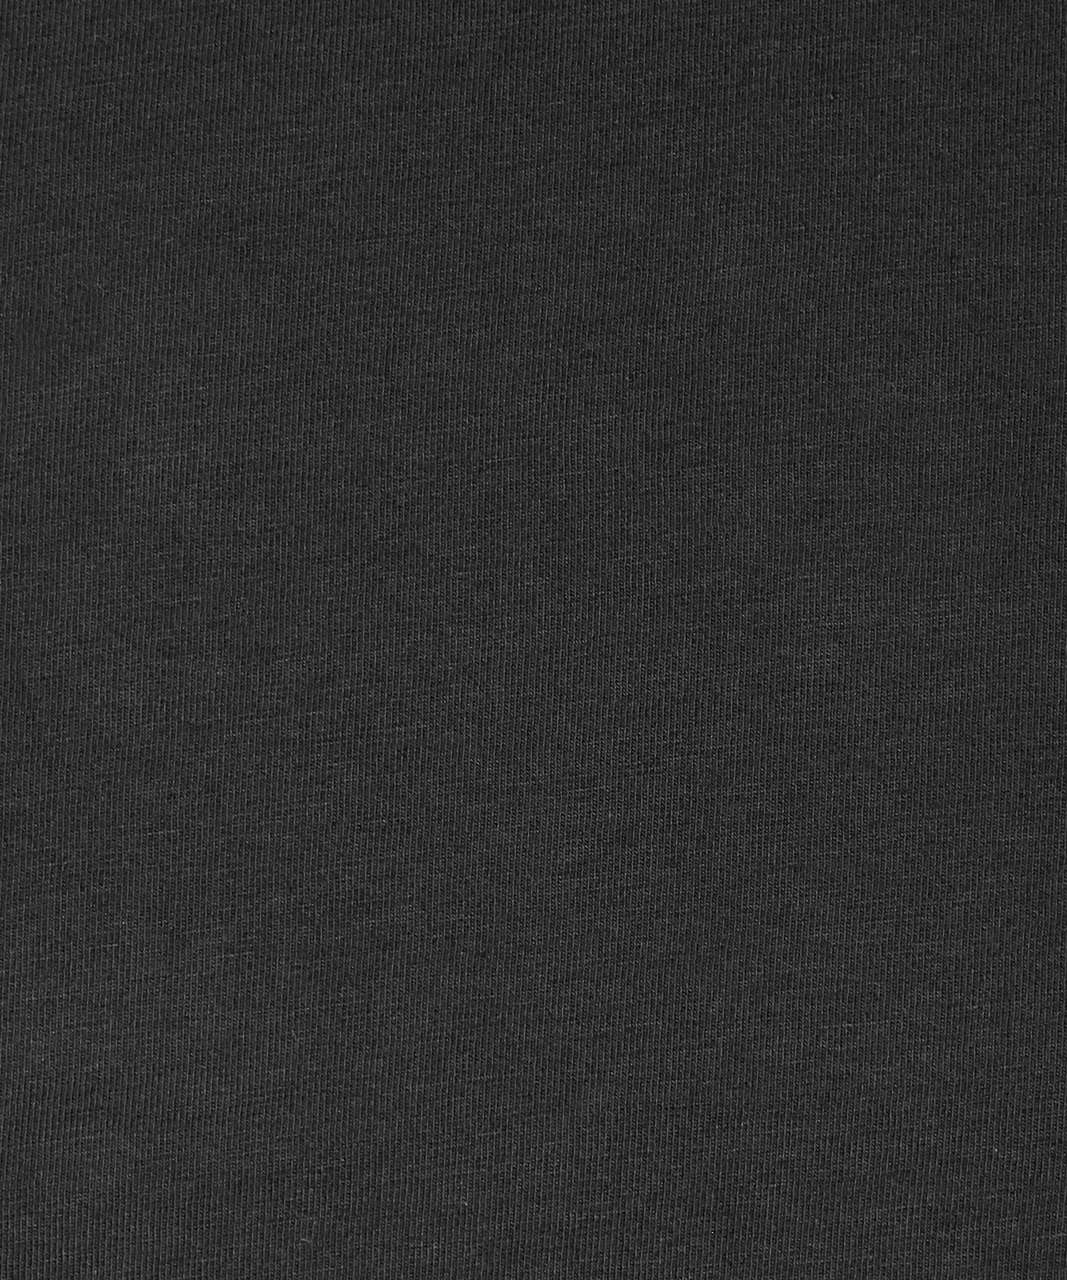 Lululemon Cates Tee - Black